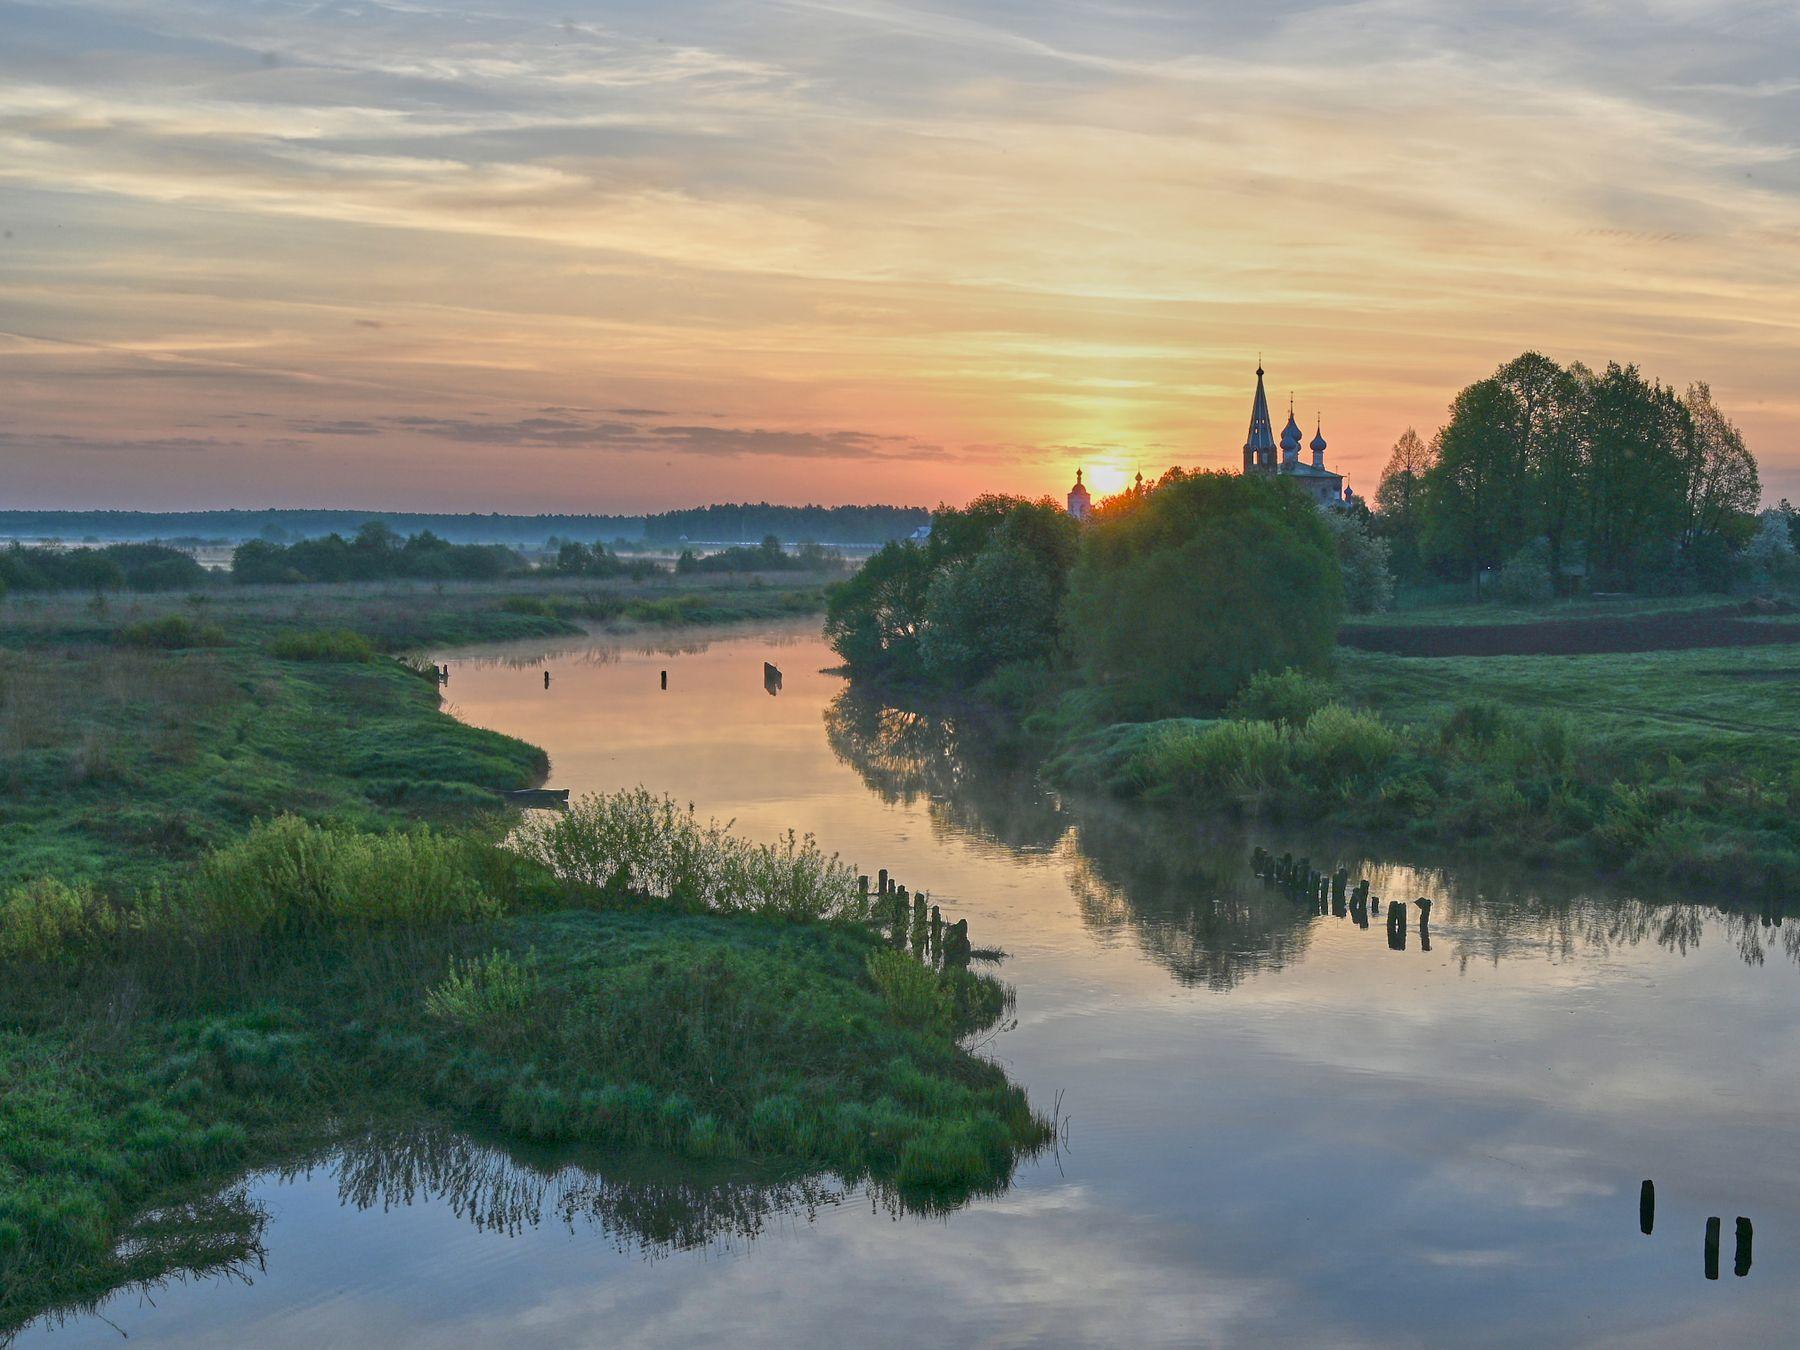 Восход на Тезе река восход Дунилово церковь